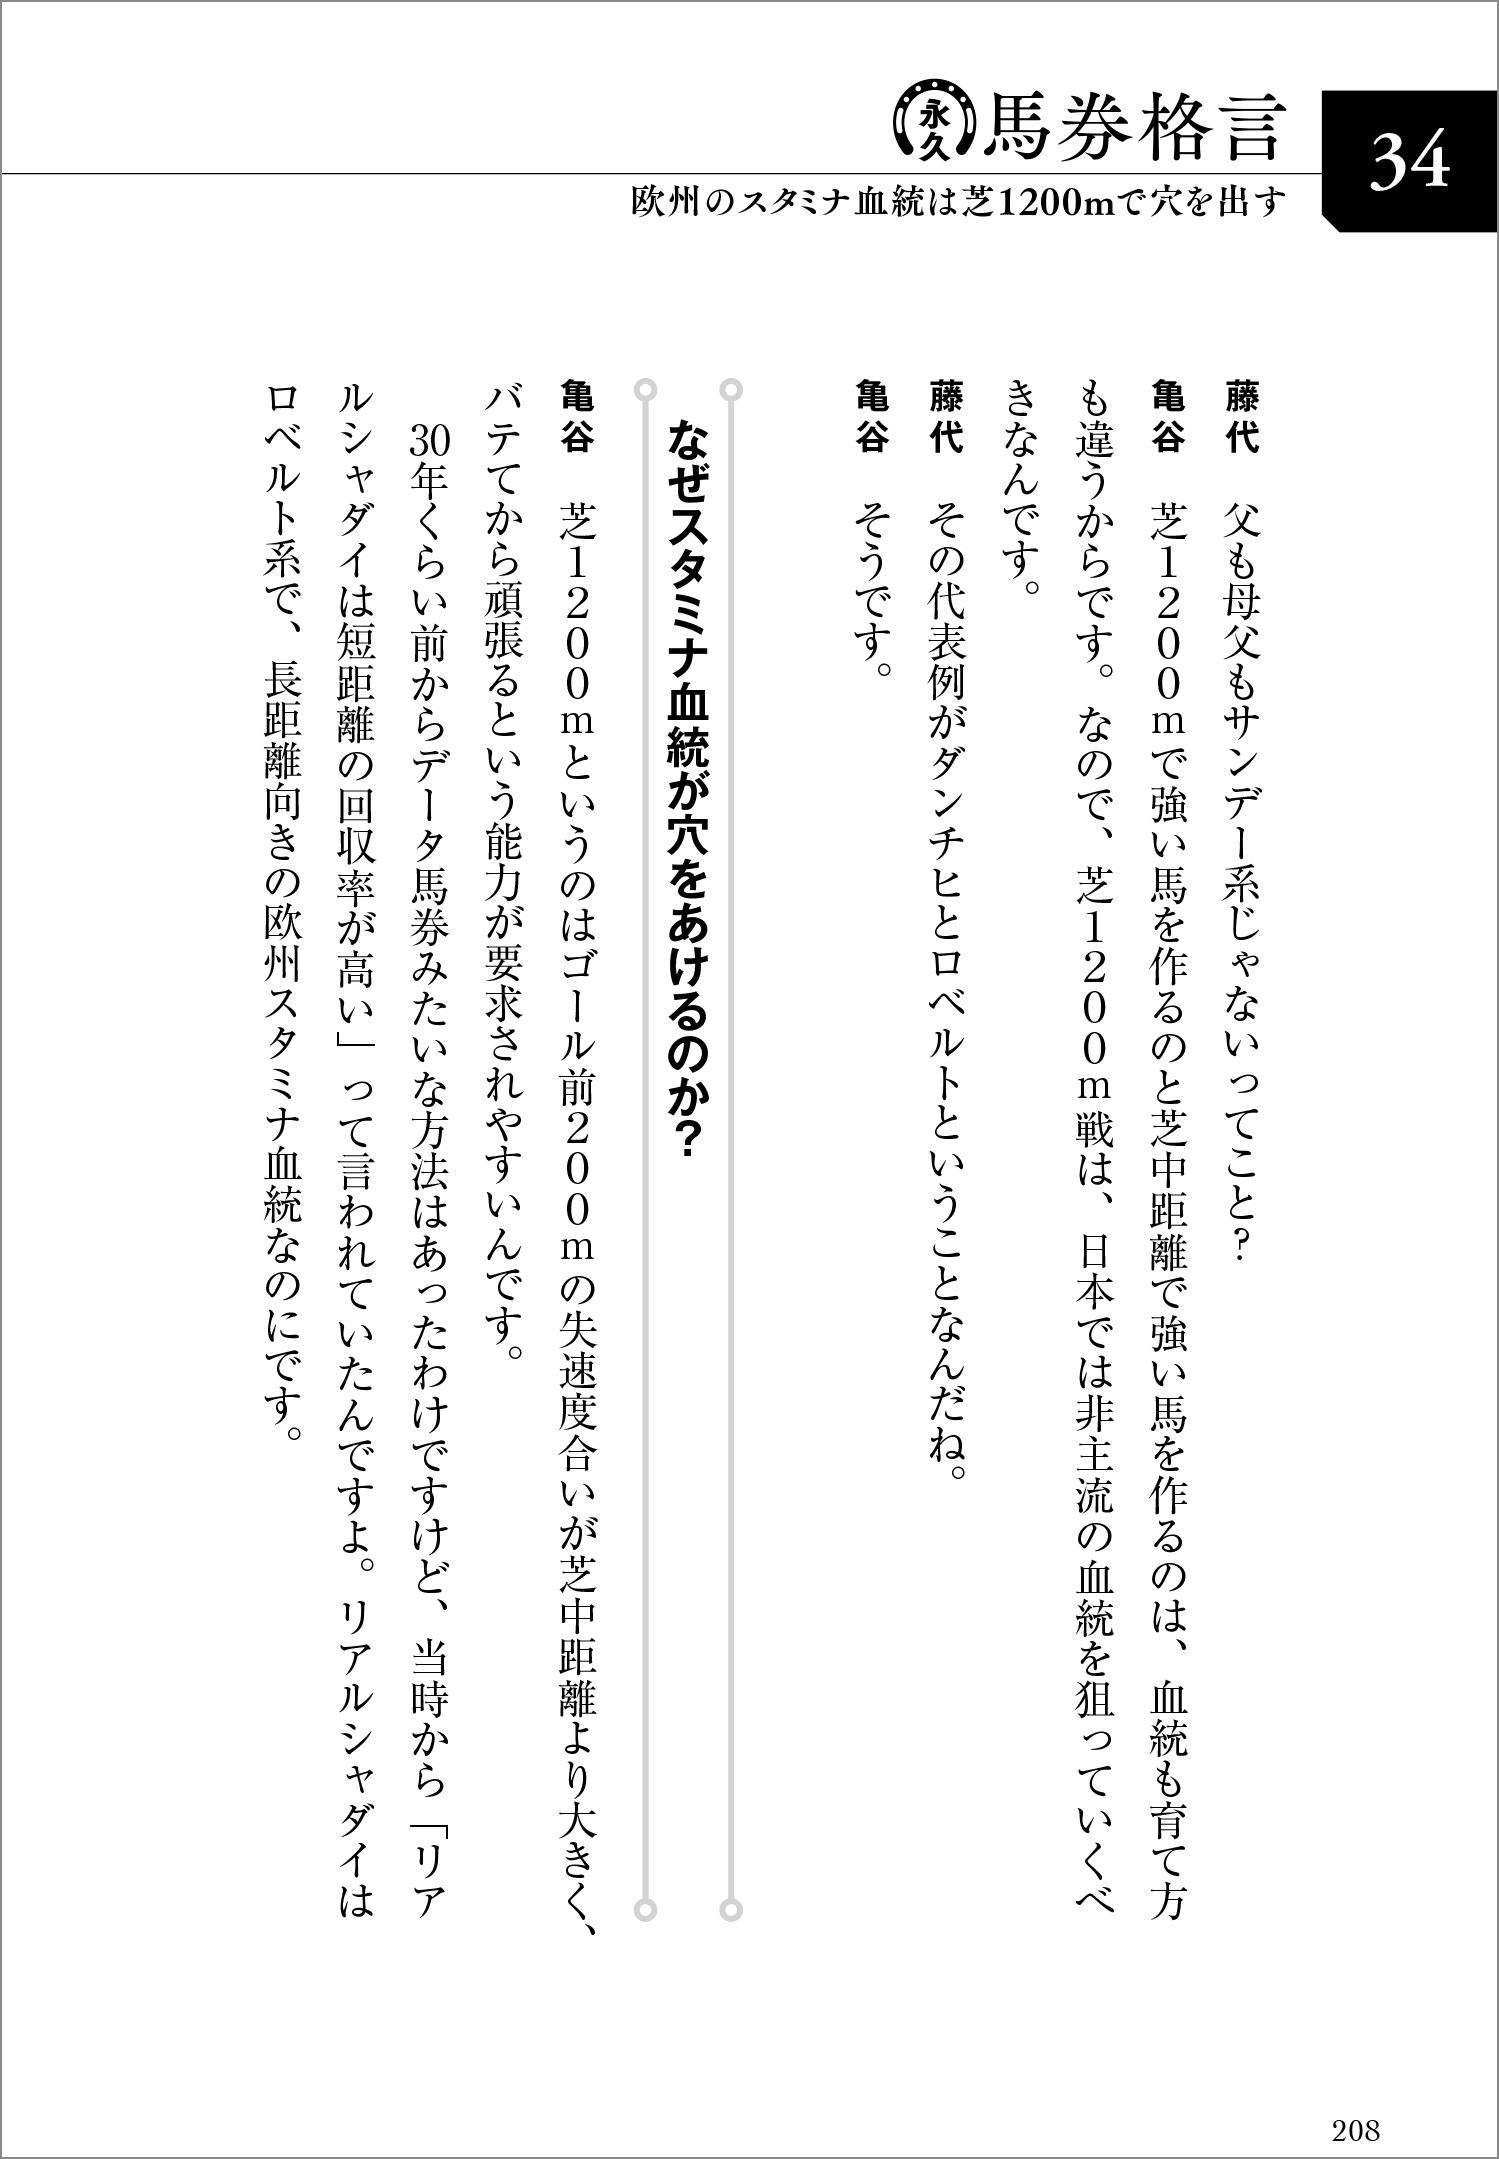 馬券格言_p.208